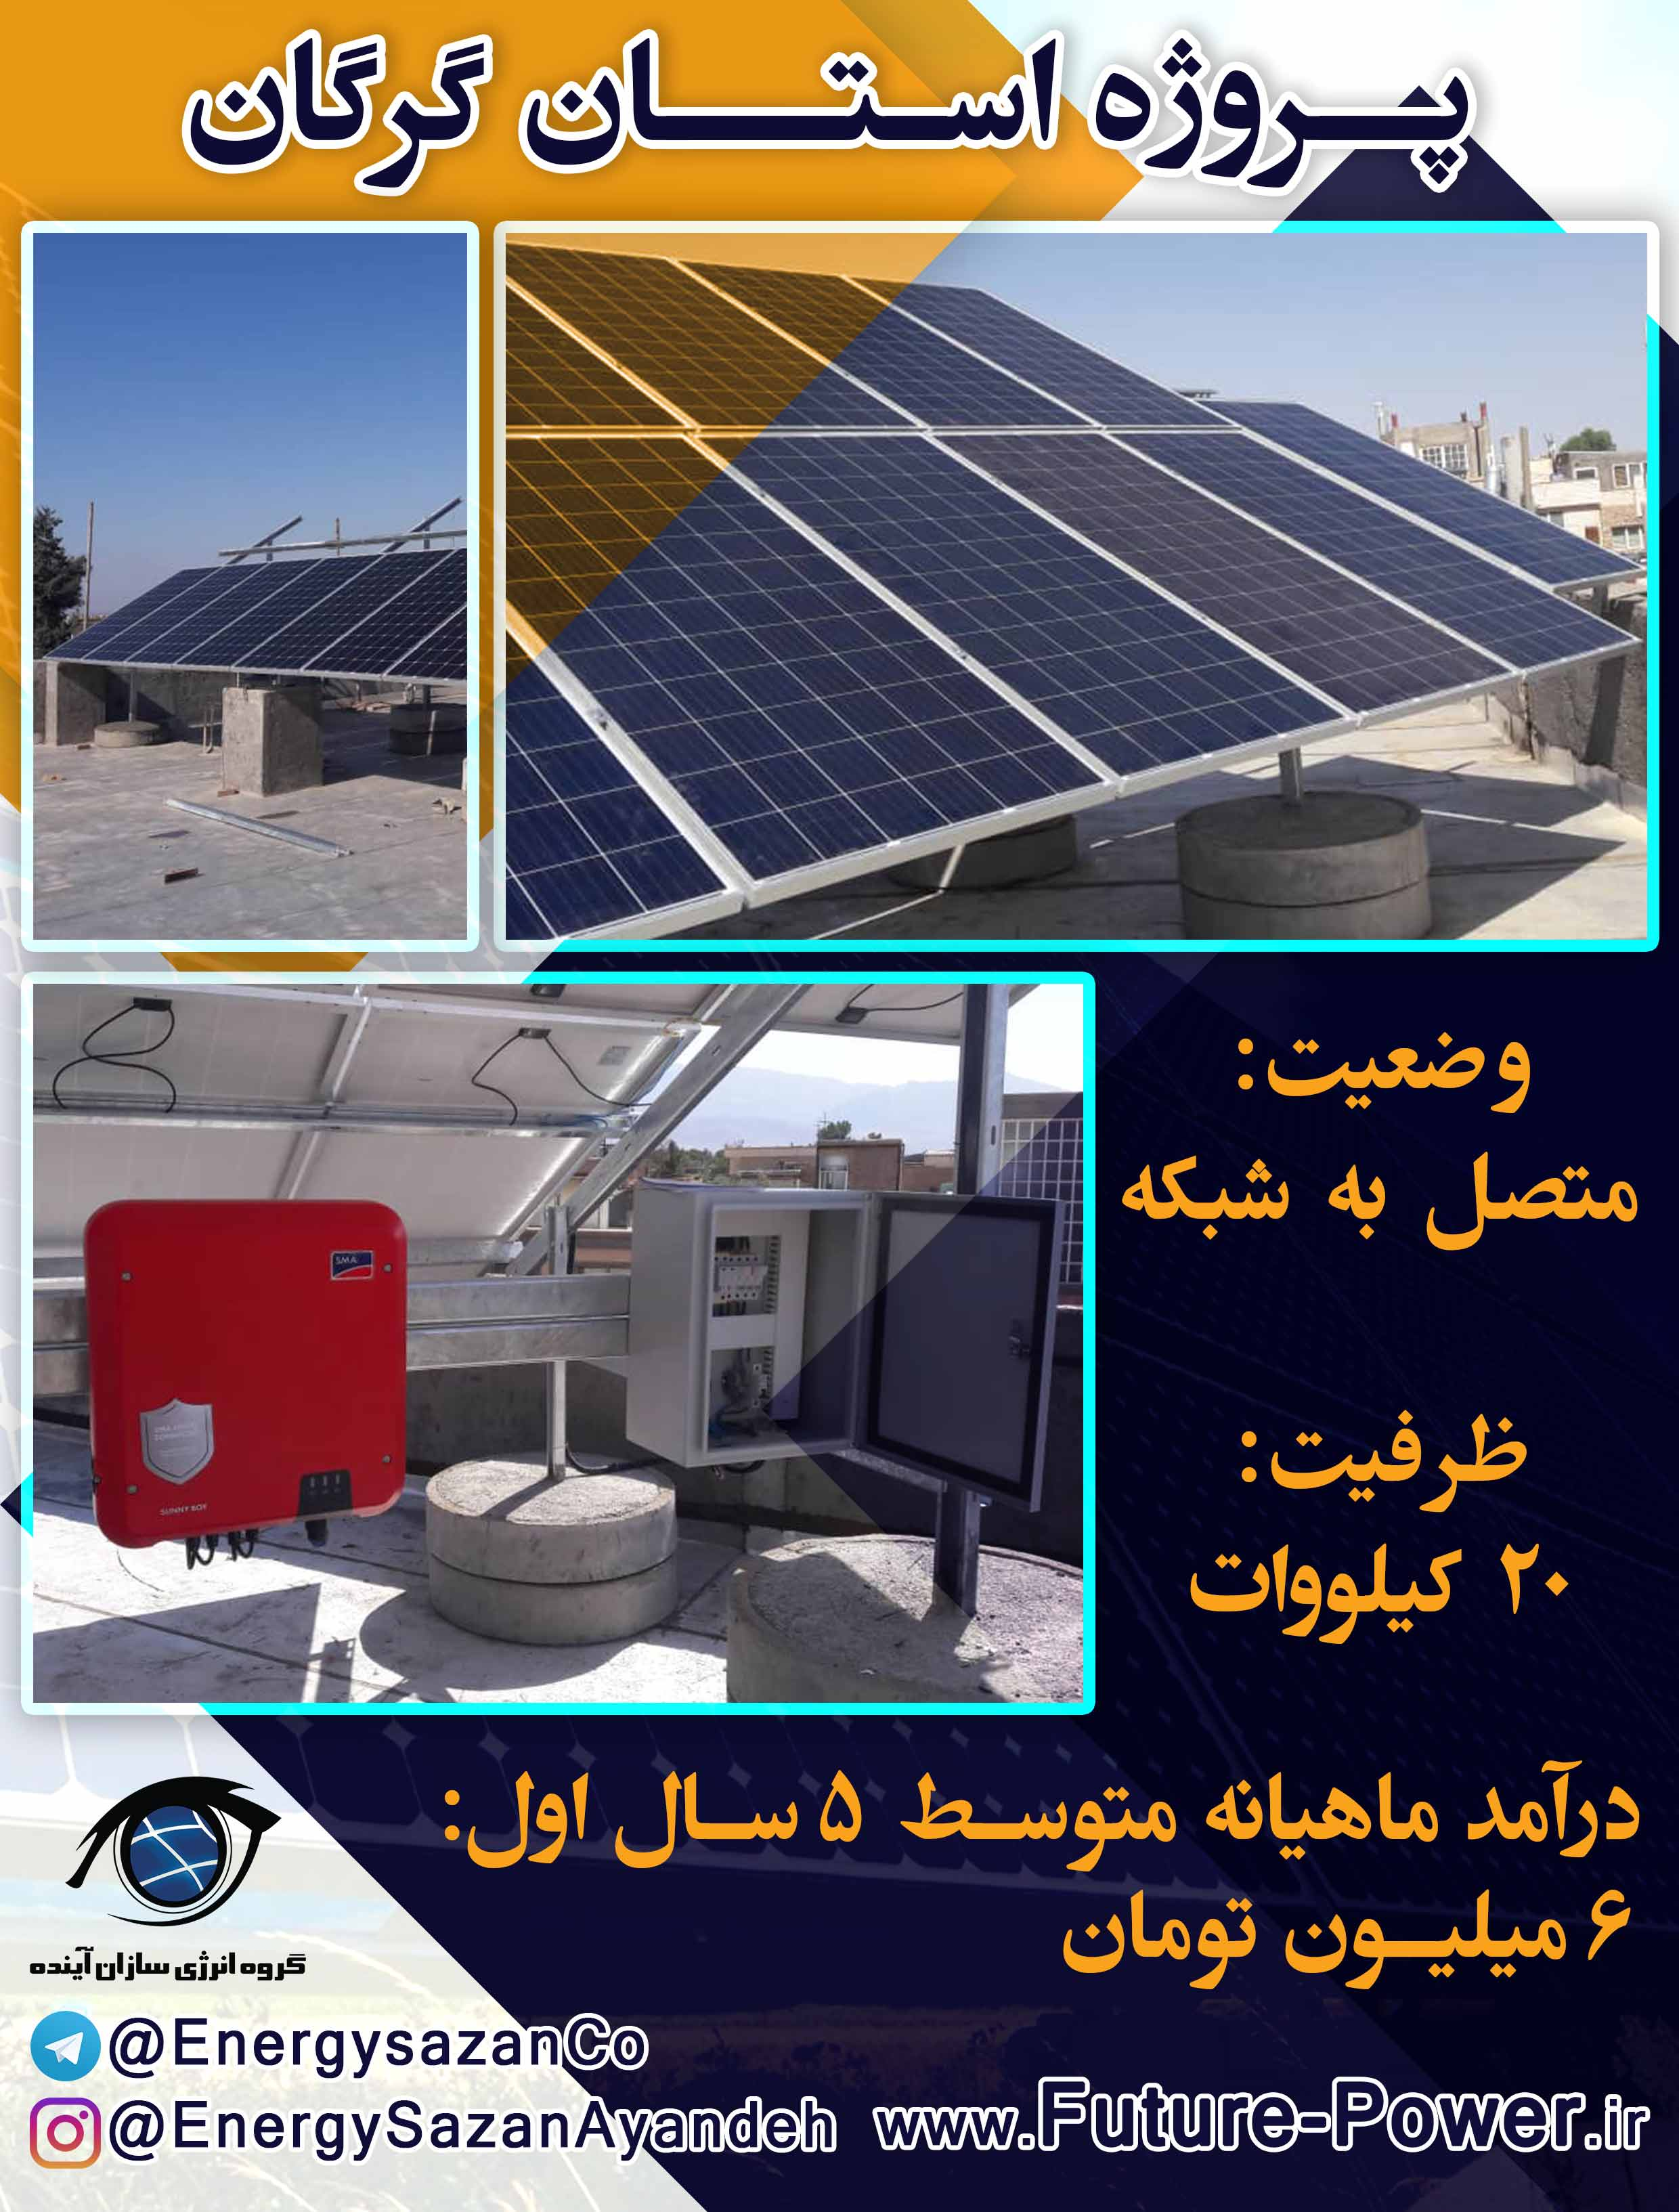 پروژه 20 کیلوواتی استان گرگان